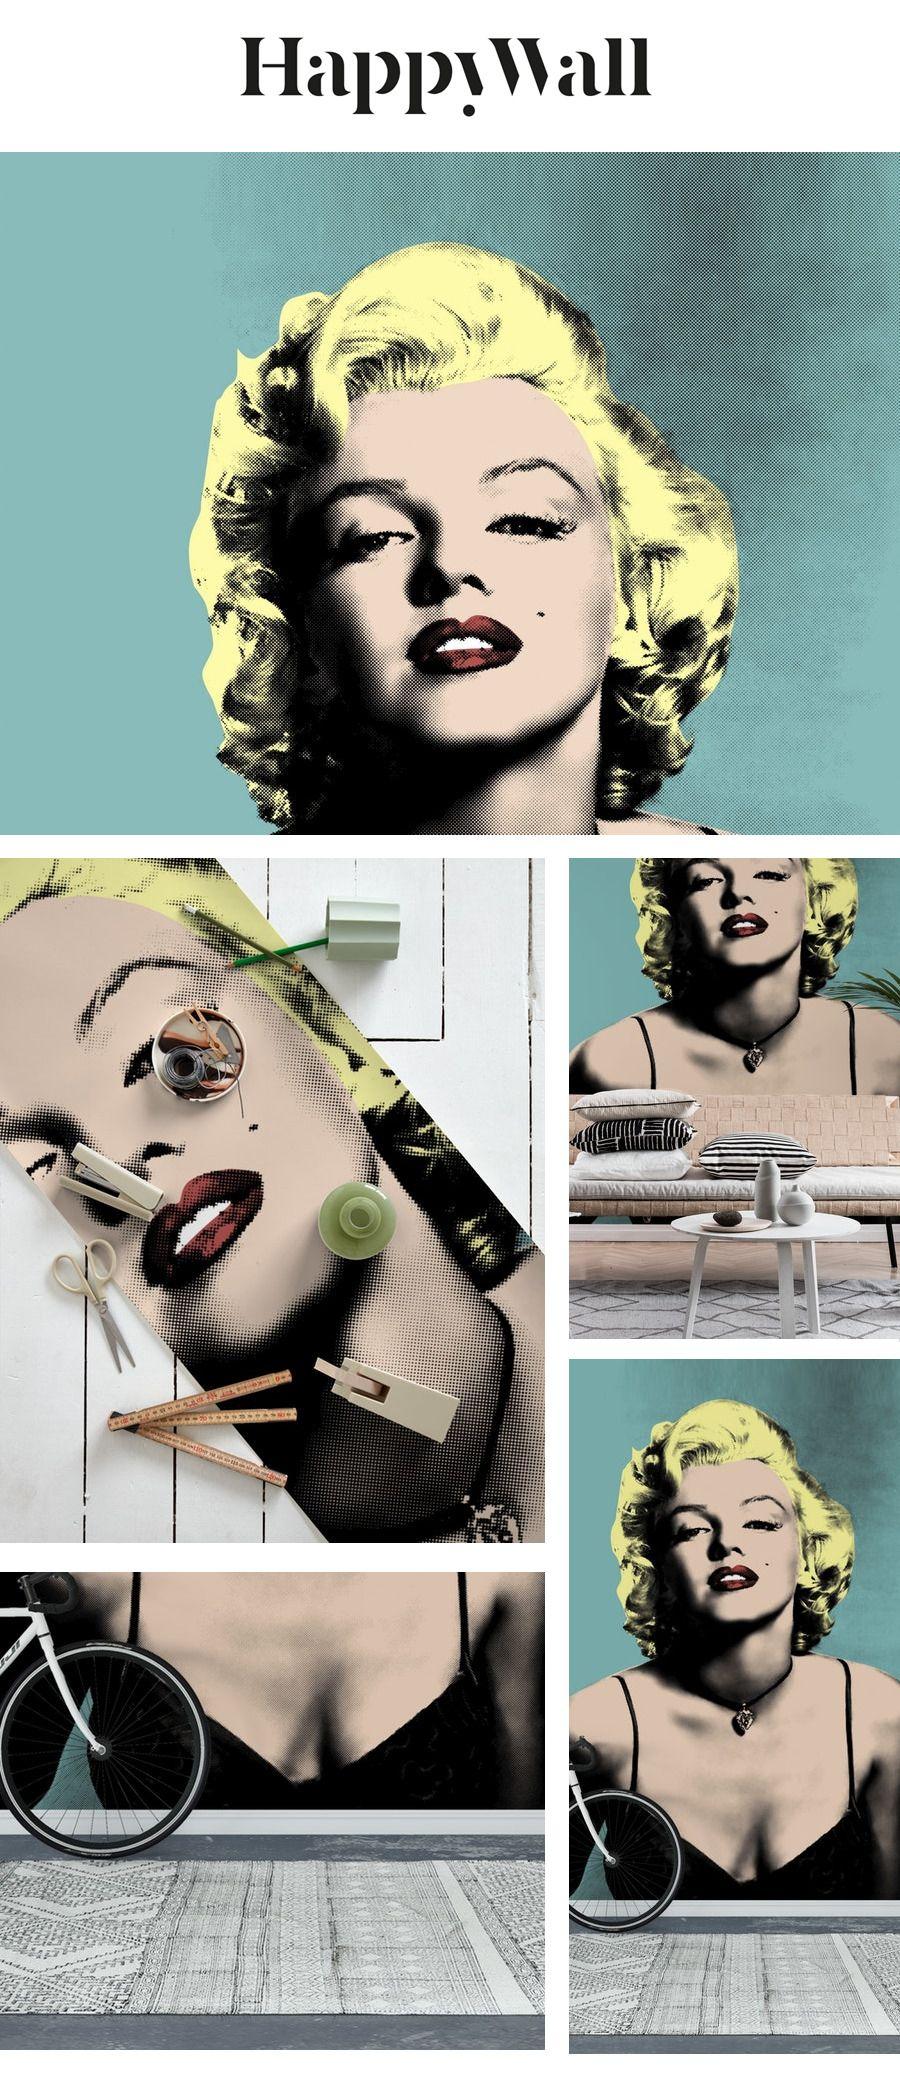 Marilyn Monroe Warhol Wall mural Warhol, Wall murals